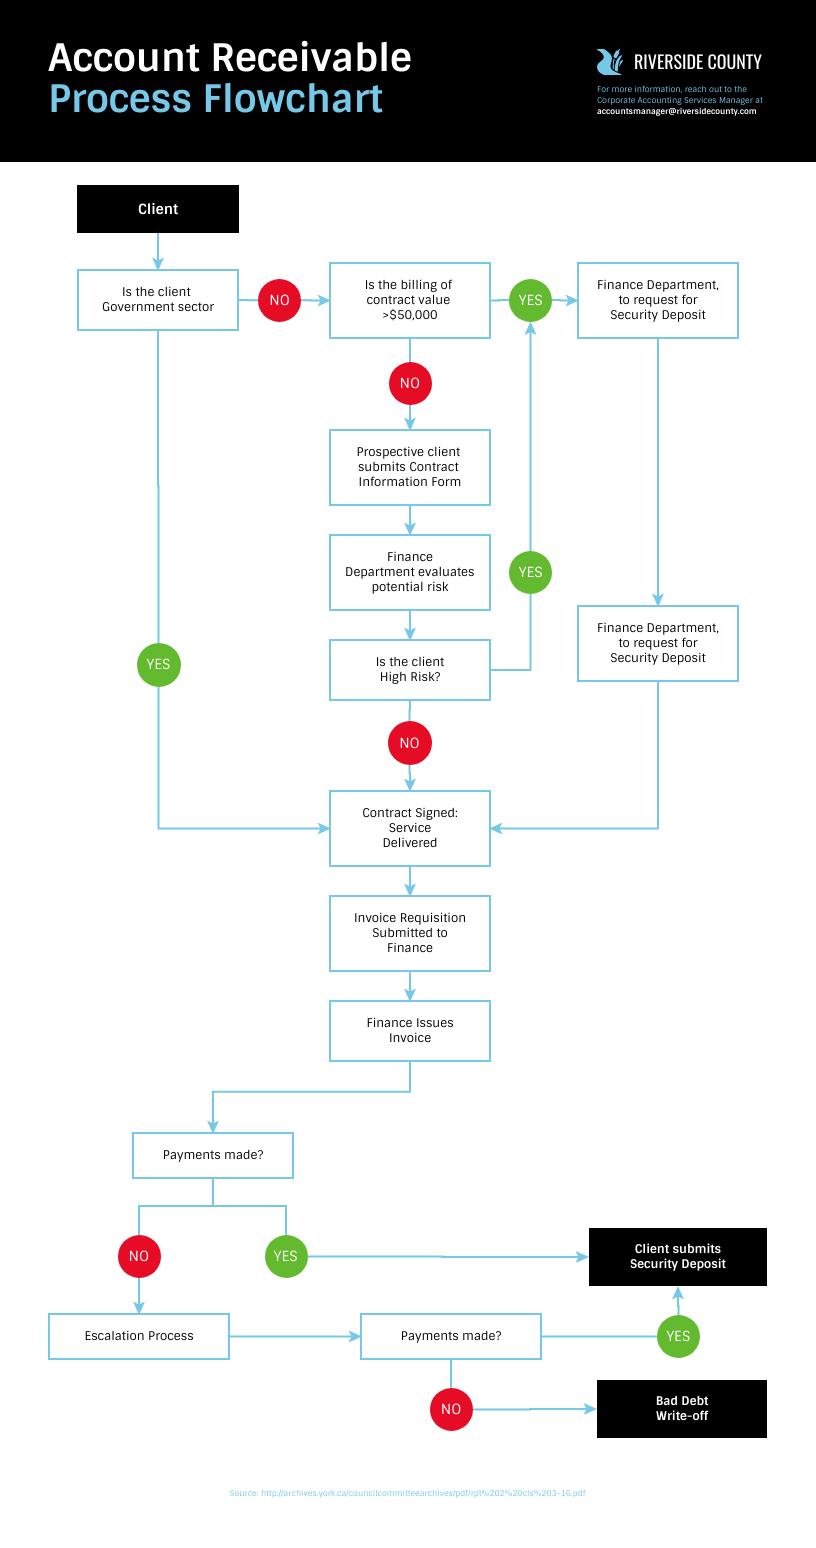 Finance Account Receivable Management Process Flowchart Template